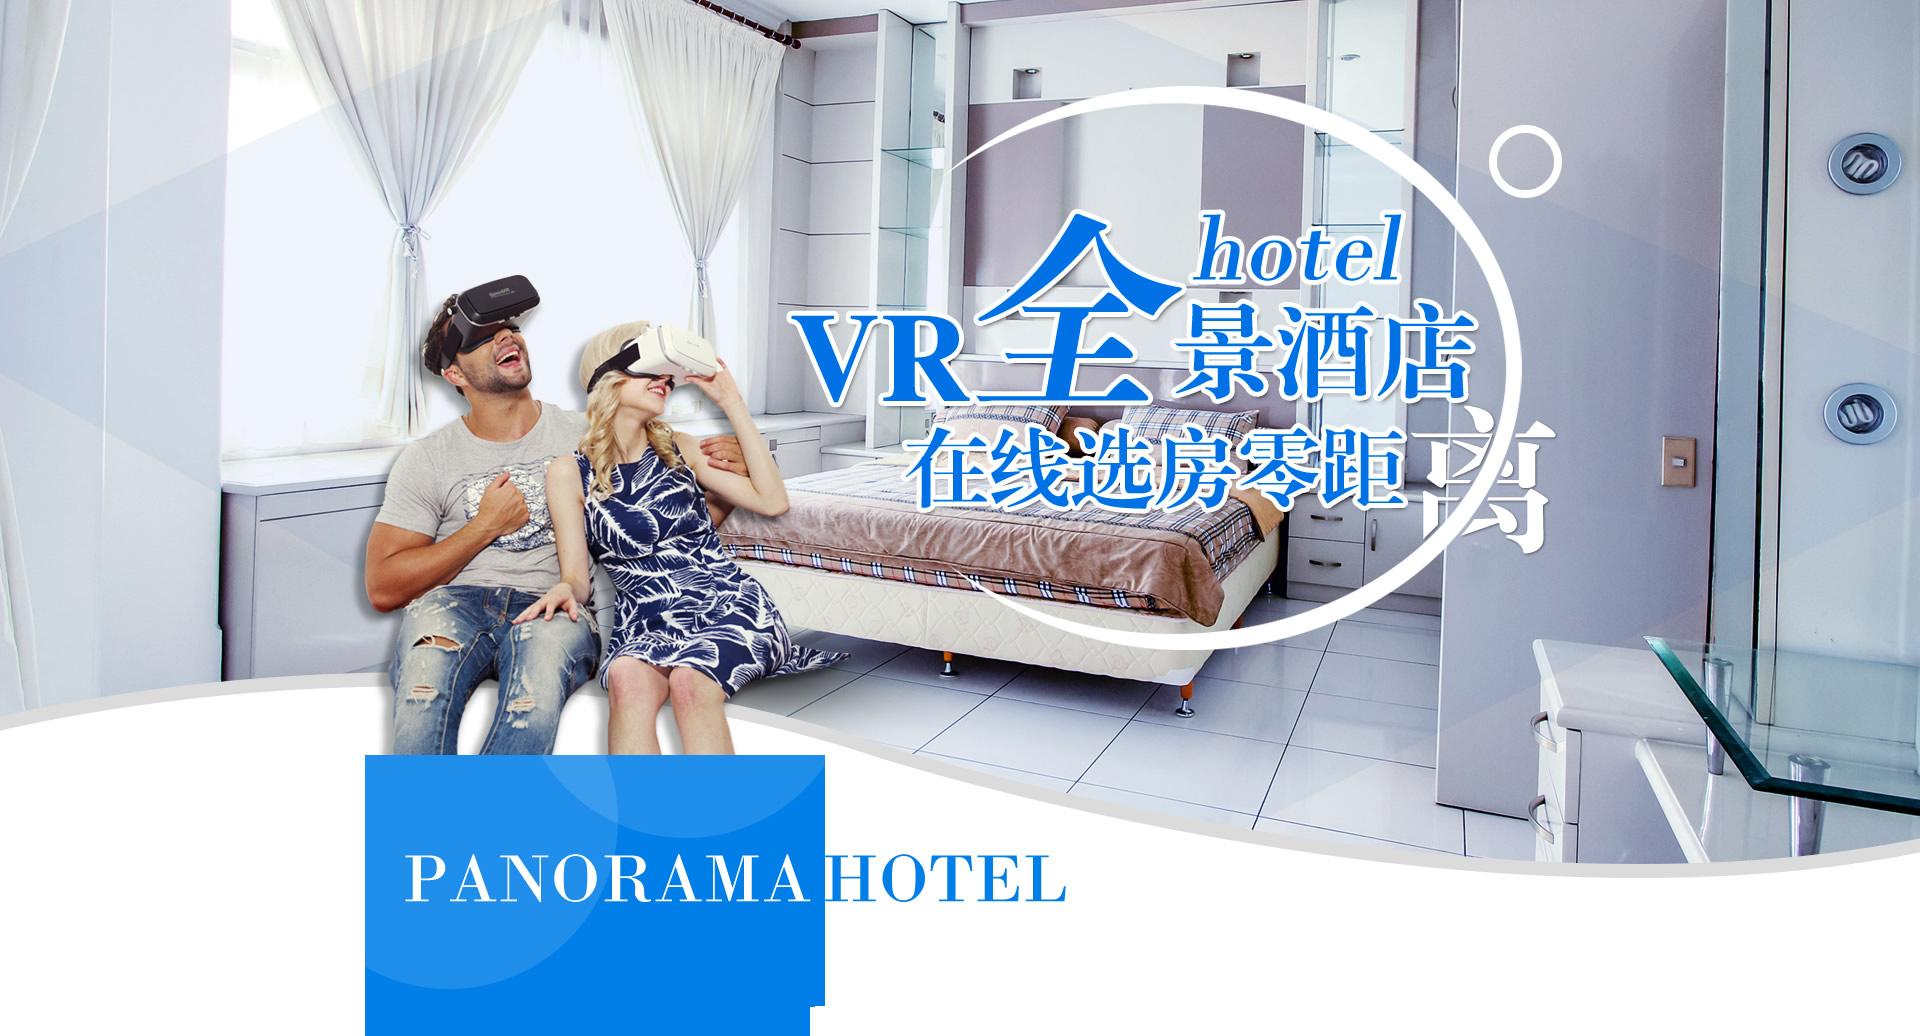 VR全景酒店在线选房零距离